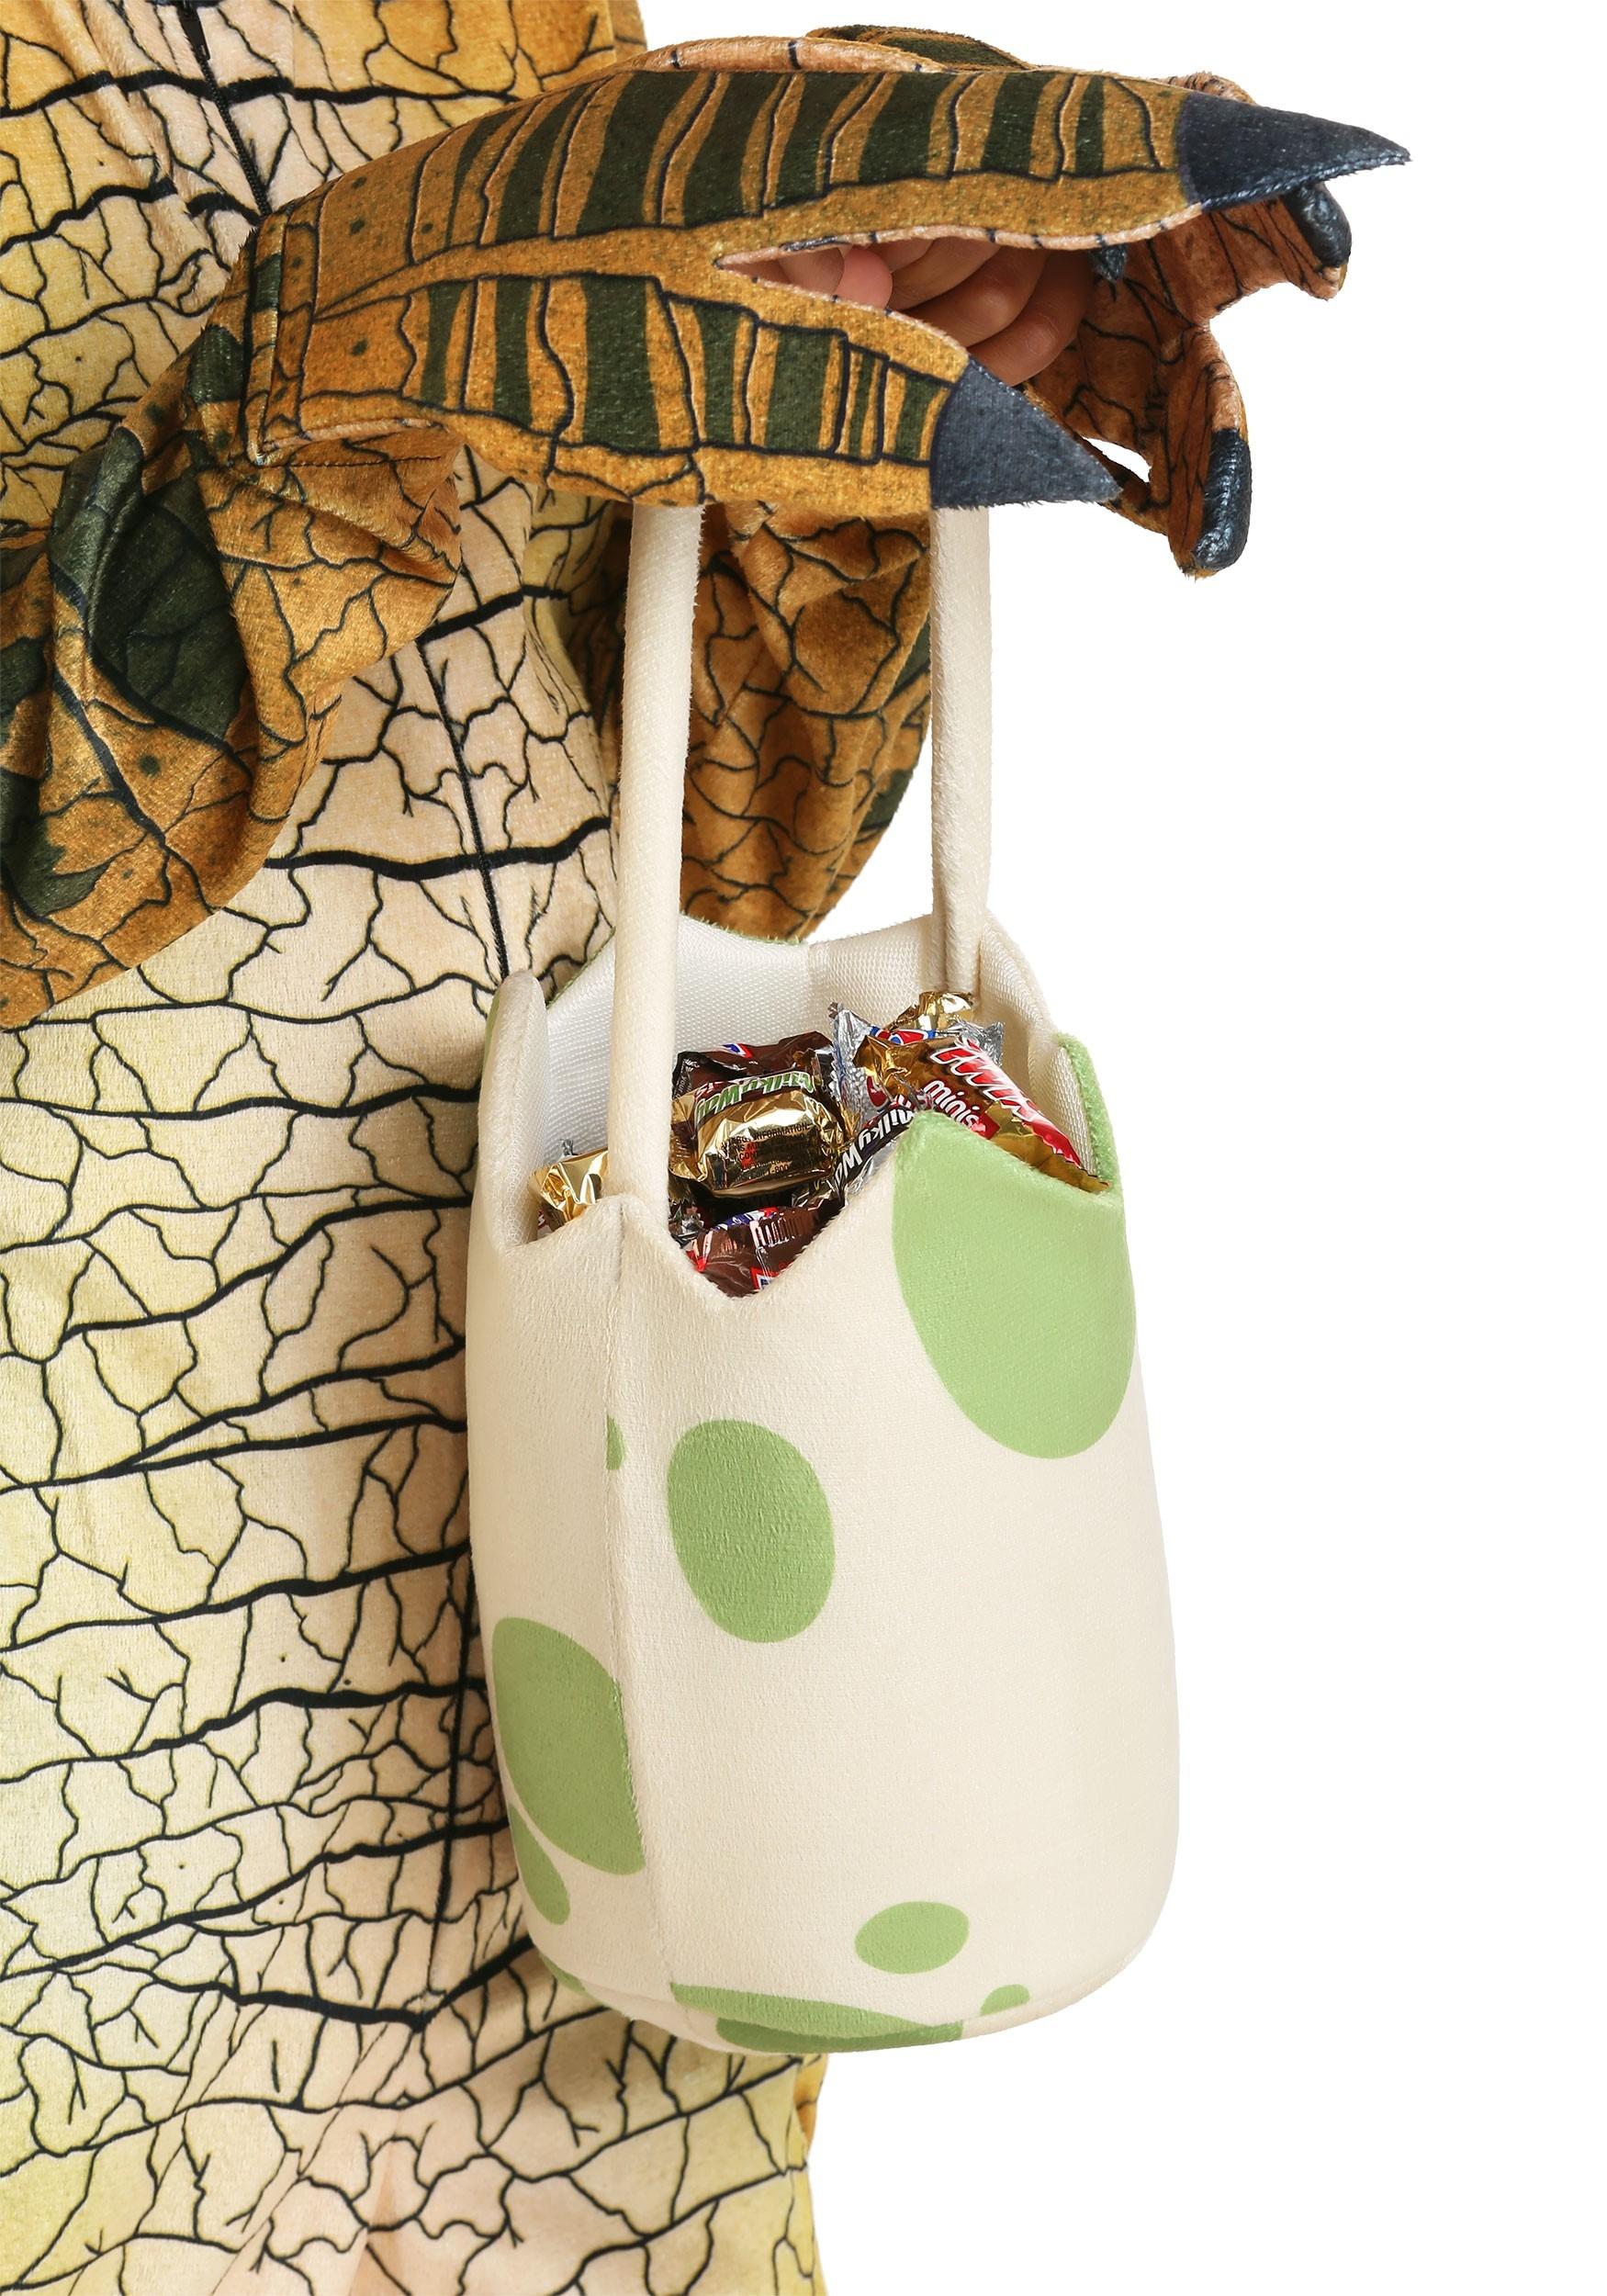 Dino Egg Treat Bag Accessory